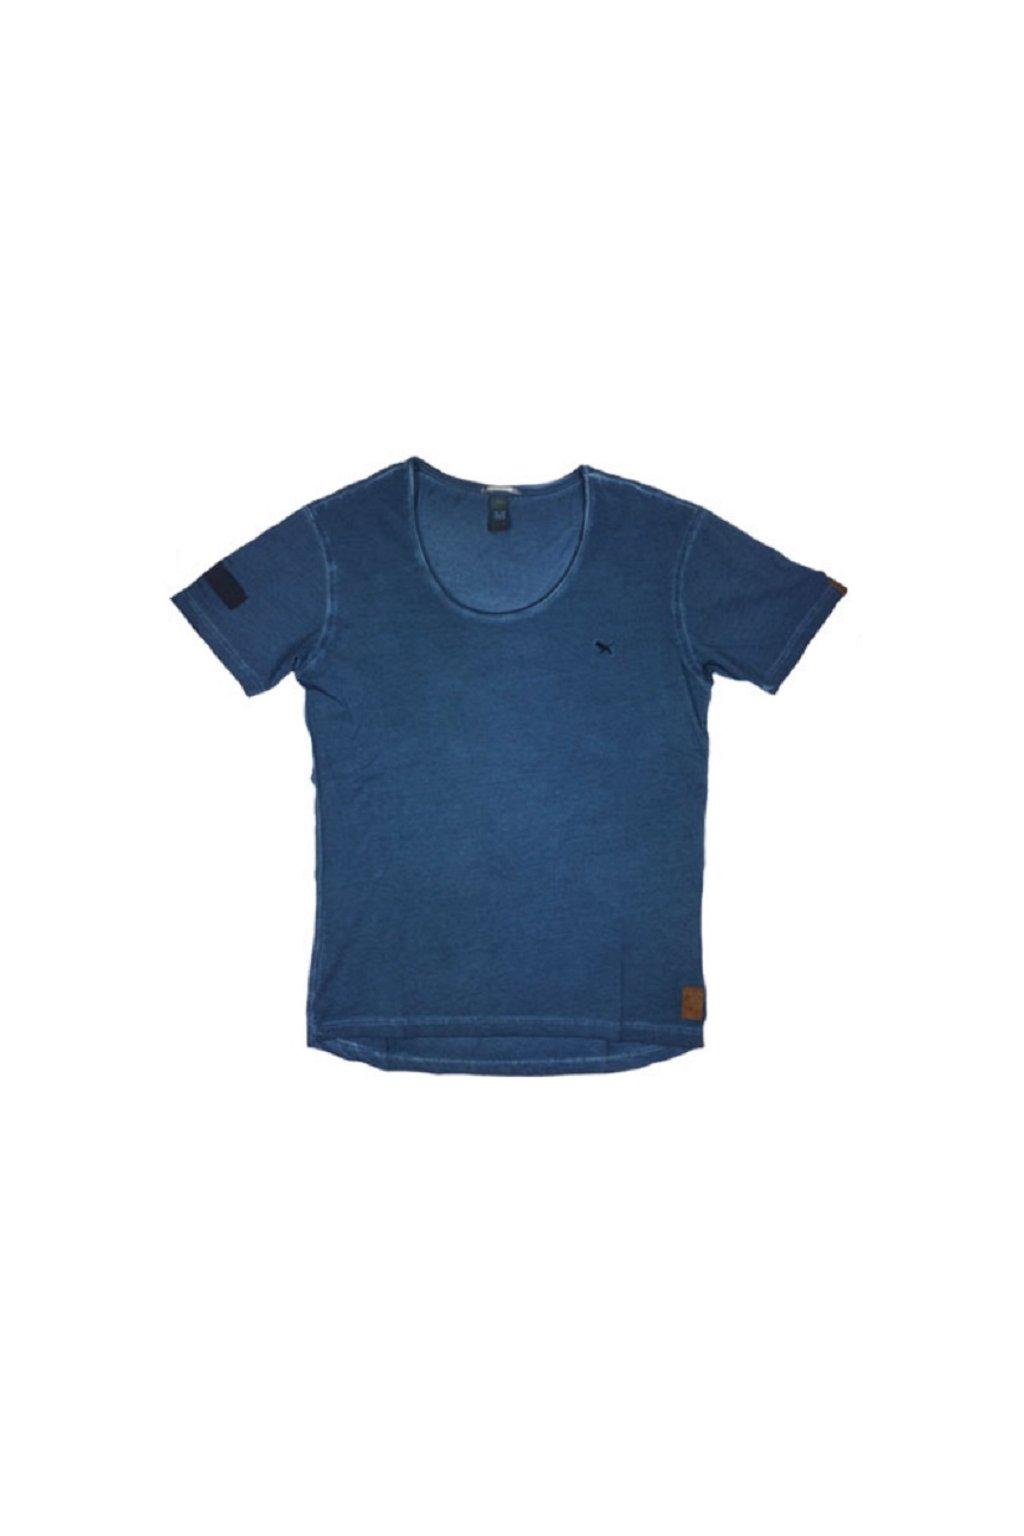 Pánské triko Goodness Industries BOBBY modrá obr1